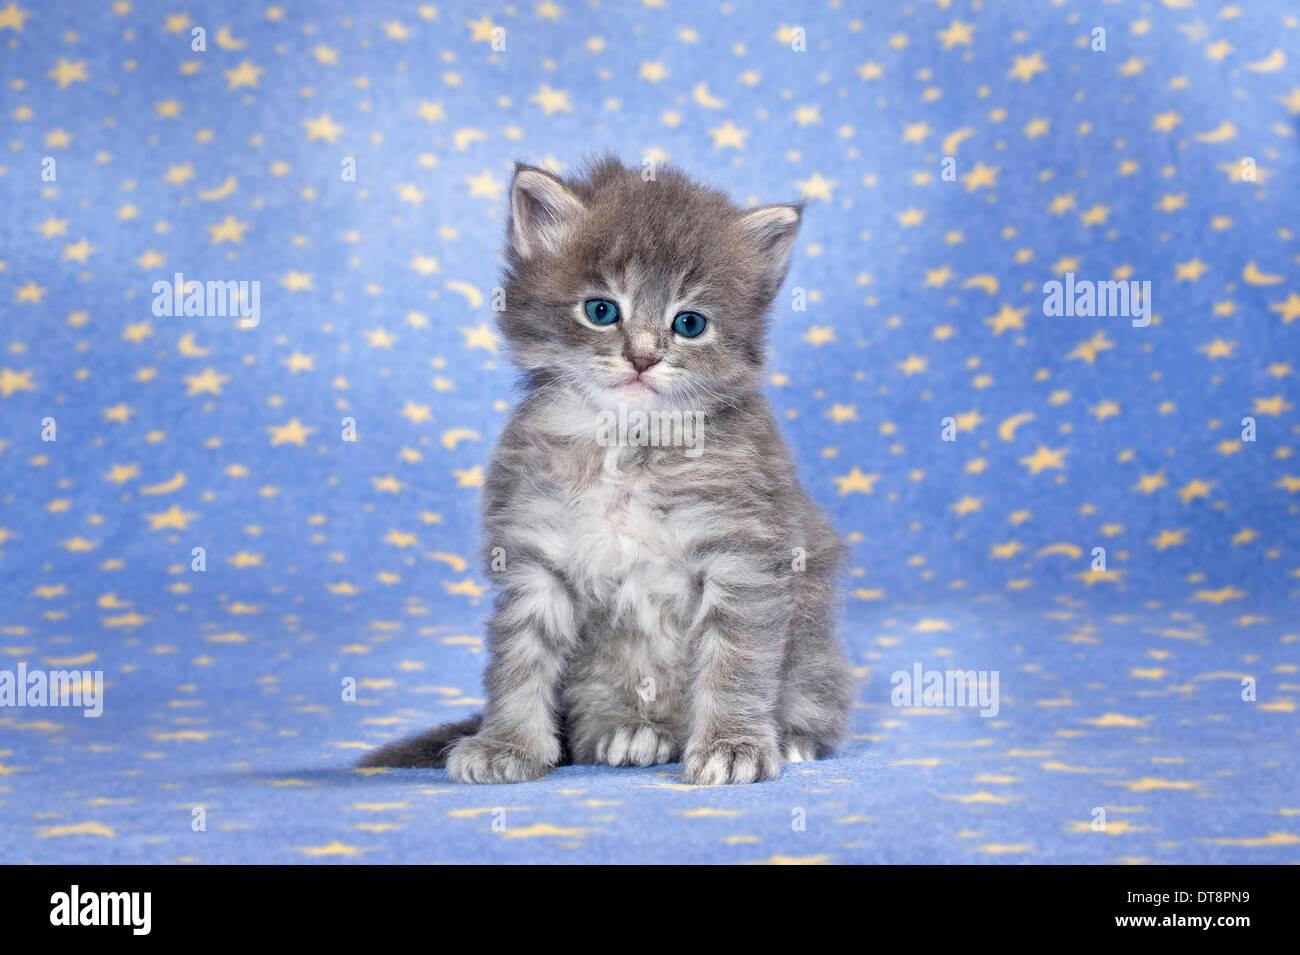 amerikanische langhaar maine coon kitten blau tabby 4 wochen alt sitzt auf einer blauen. Black Bedroom Furniture Sets. Home Design Ideas